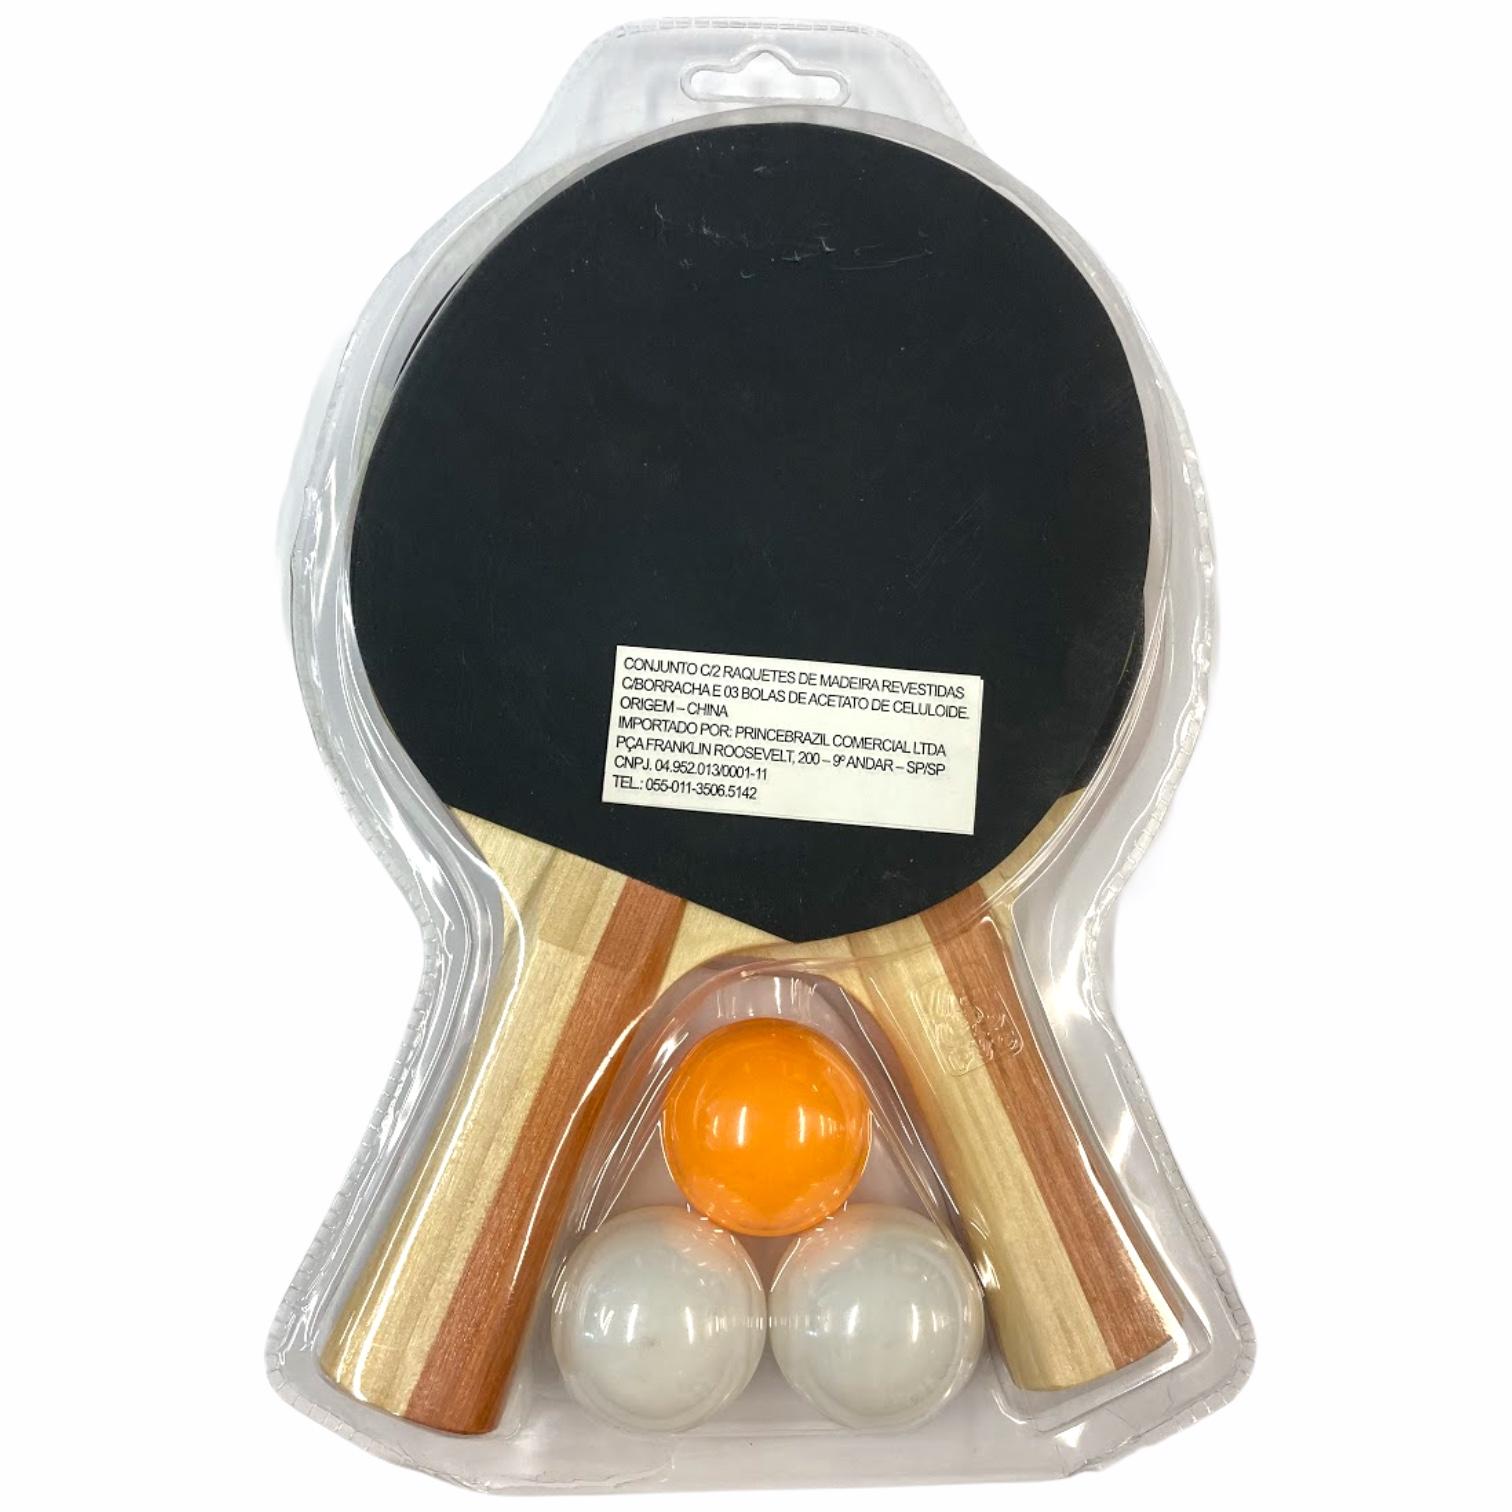 Kit Tênis de Mesa Sunflex Pong com 02 Raquetes e 03 Bolinhas